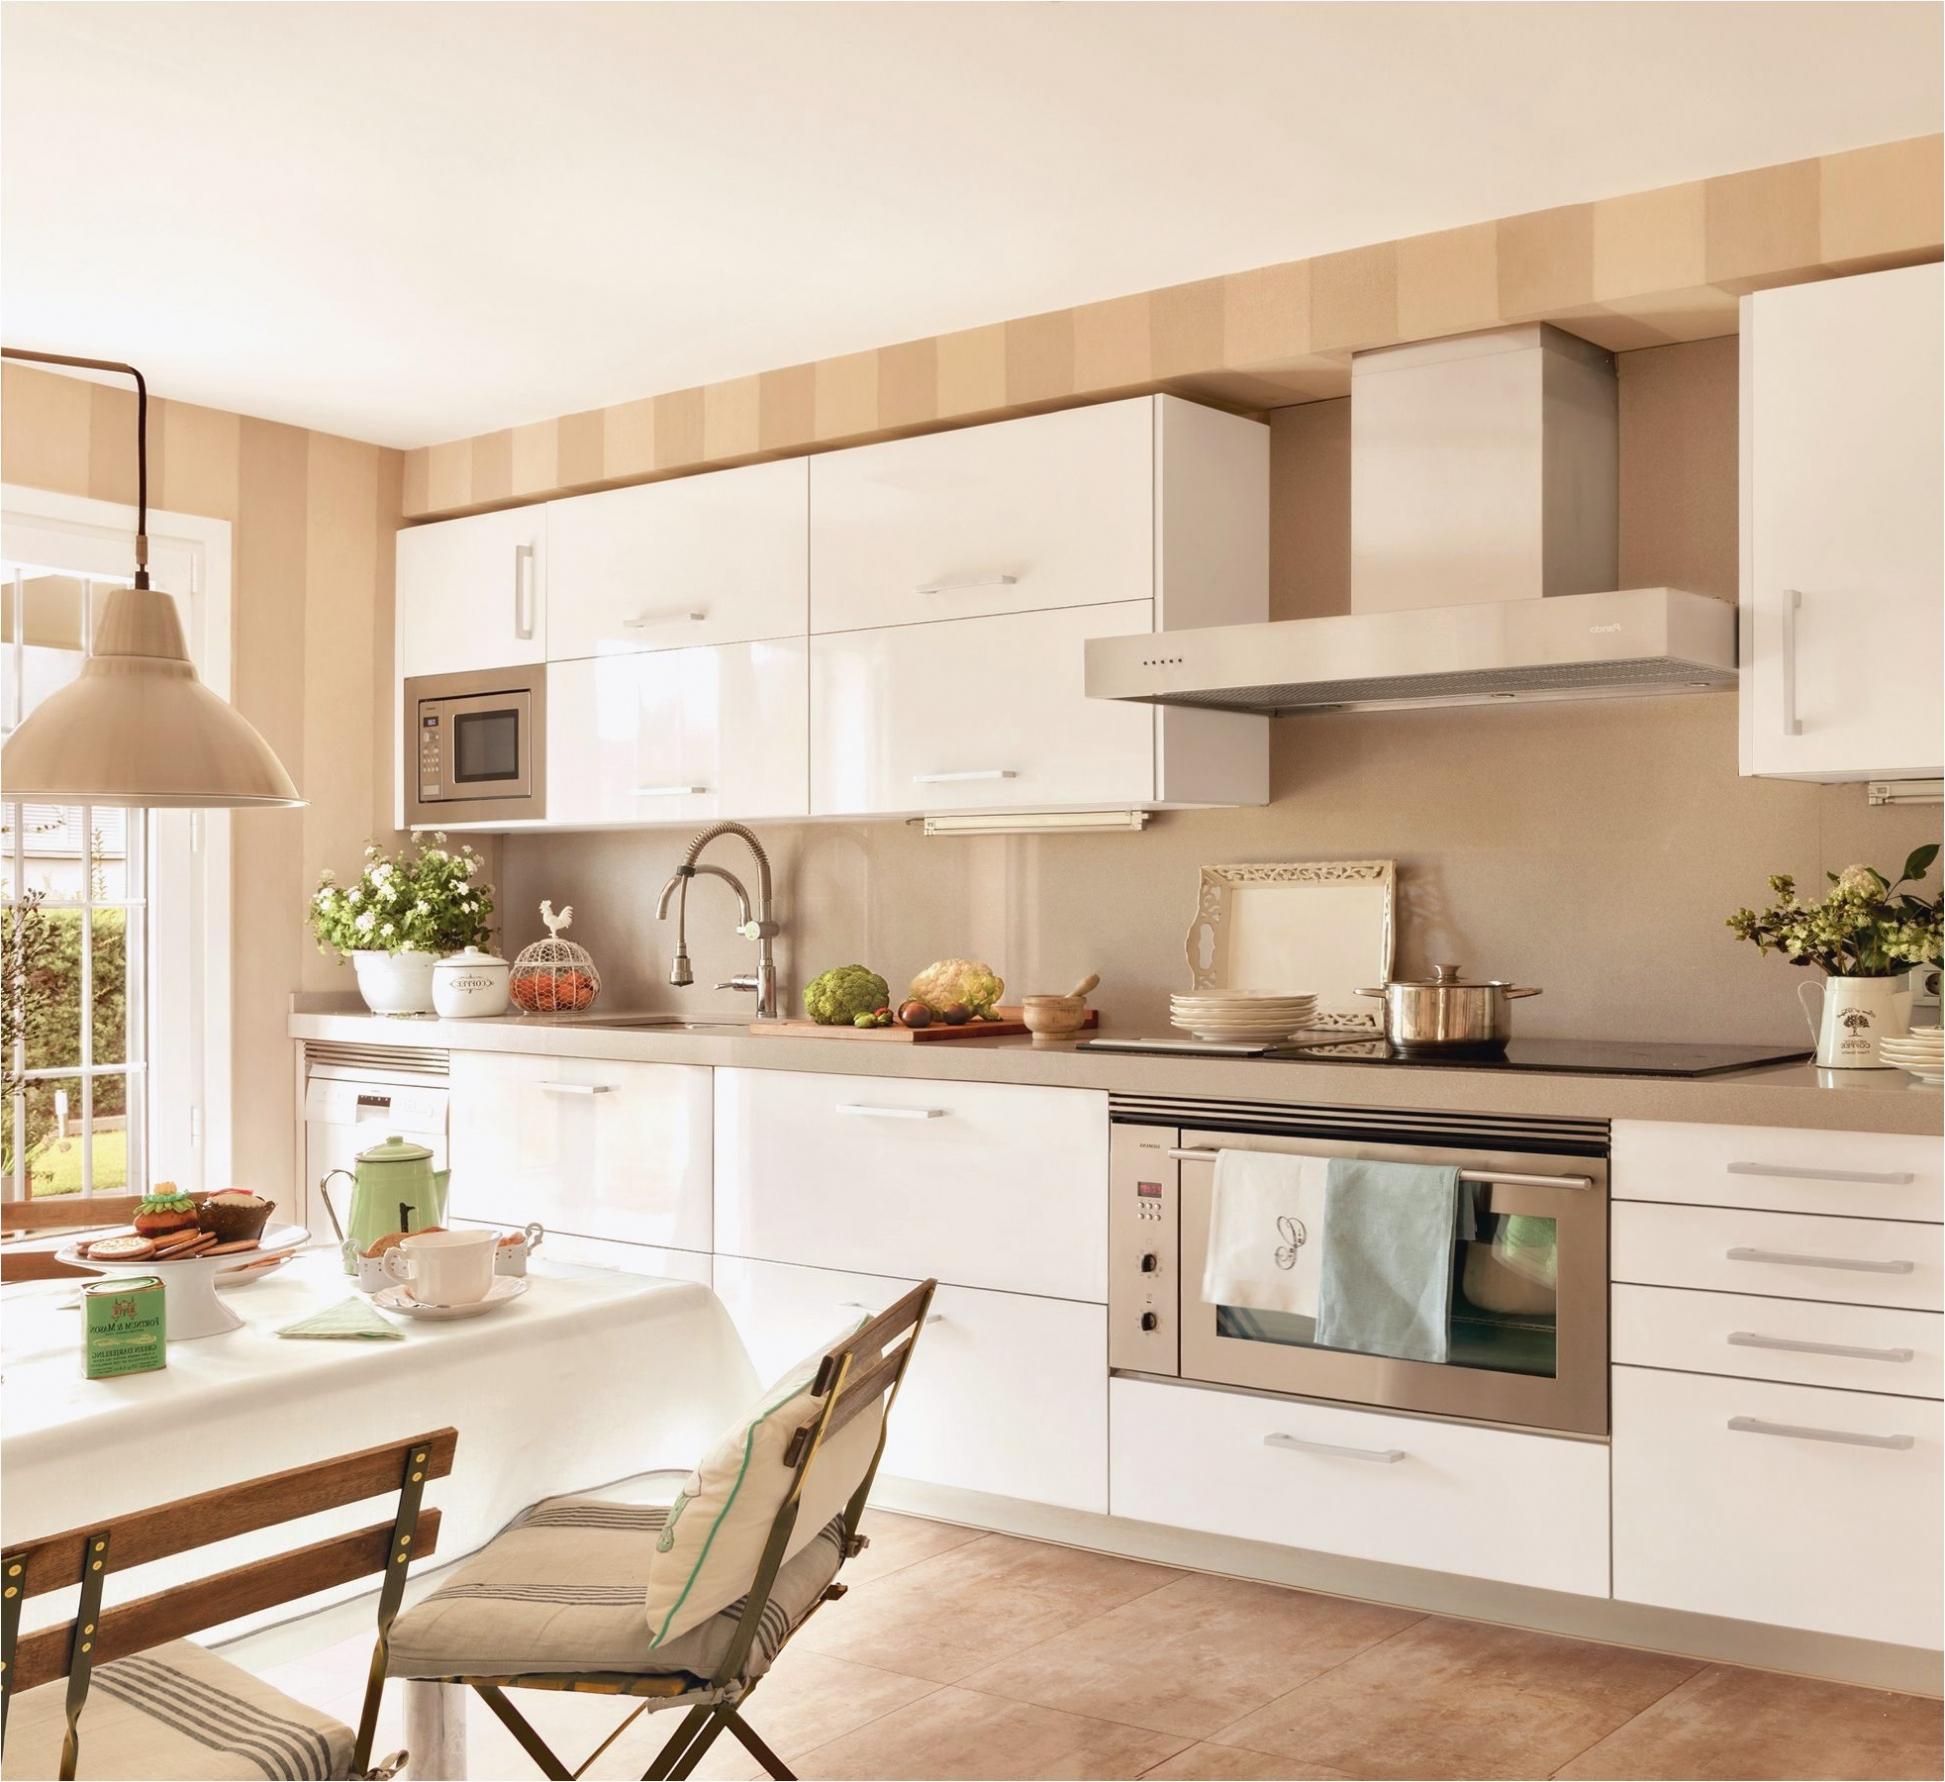 Stunning Puertas Mueble Cocina Pictures - Casas: Ideas, imágenes y ...